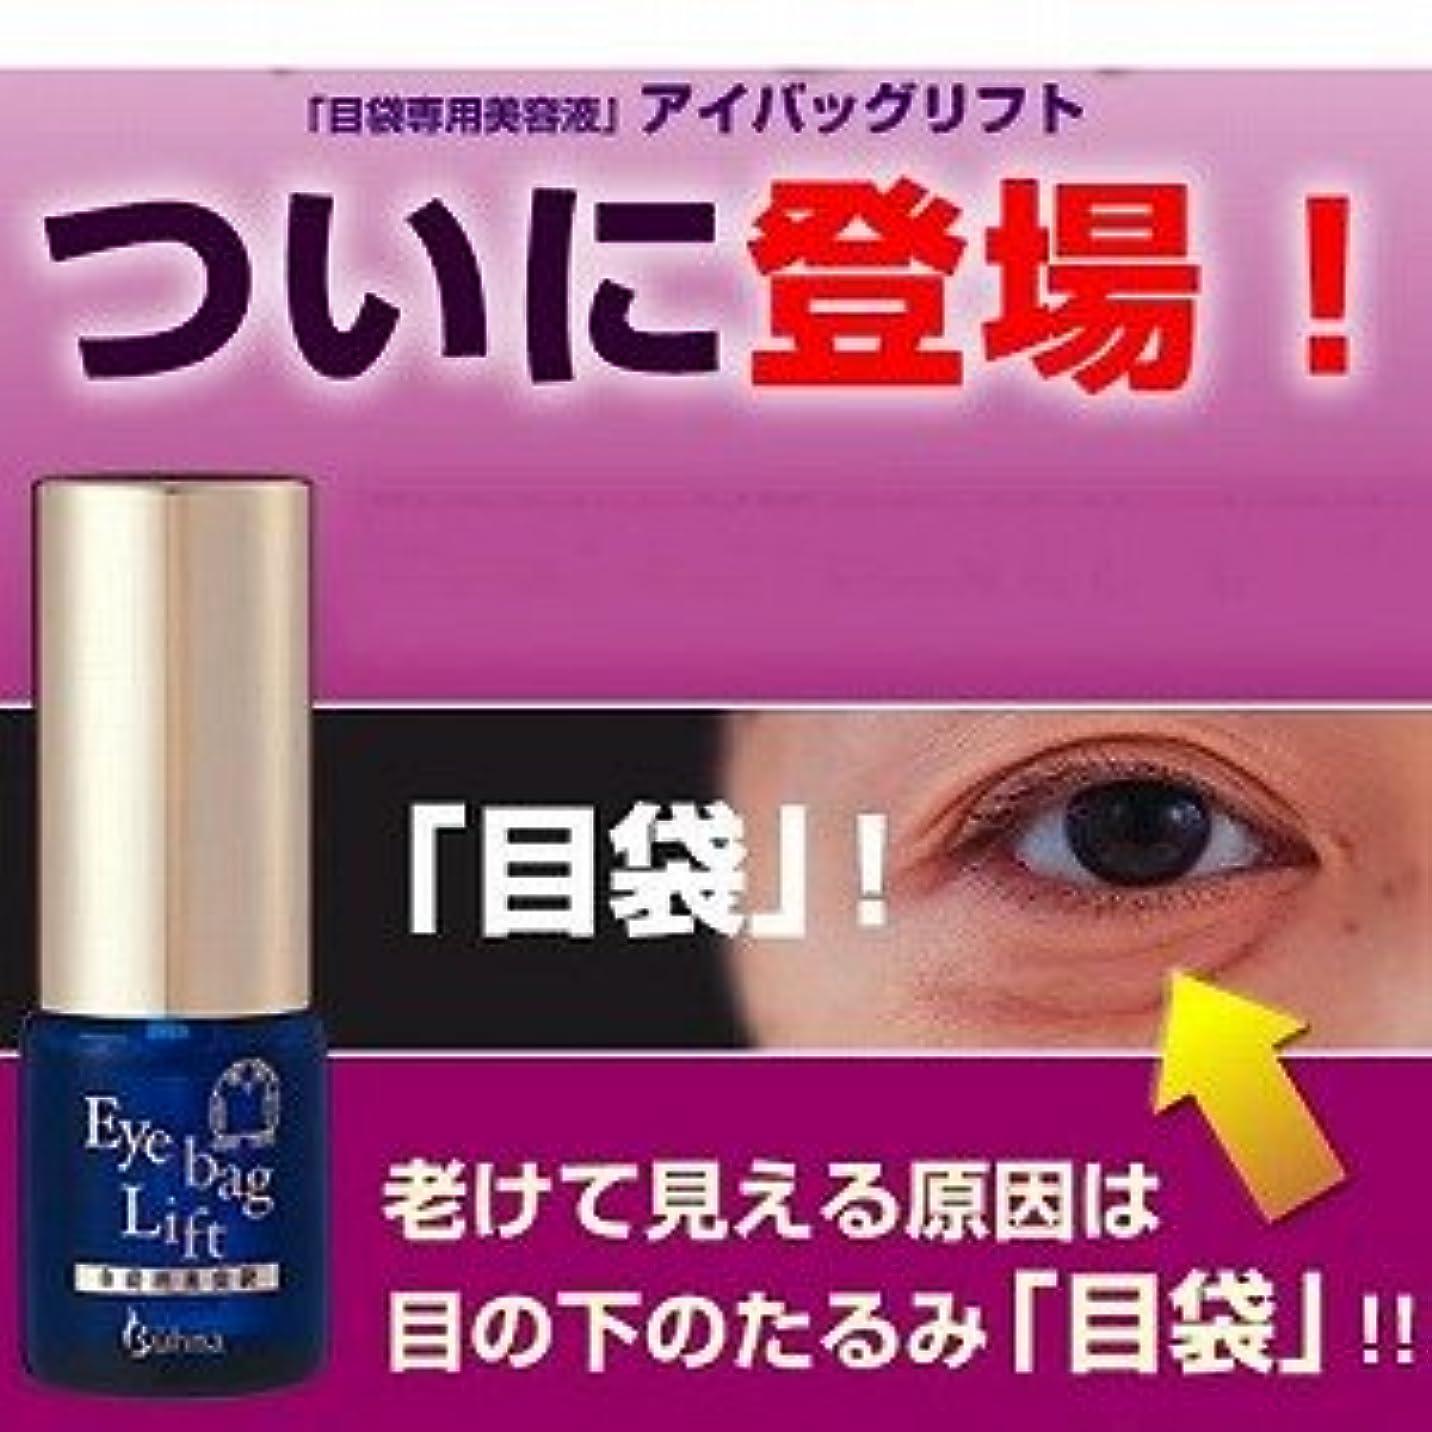 ミシンなす眩惑する老けて見える原因は、目元、目の下のたるみ「目袋」『目袋専用美容液 アイバッグリフト』